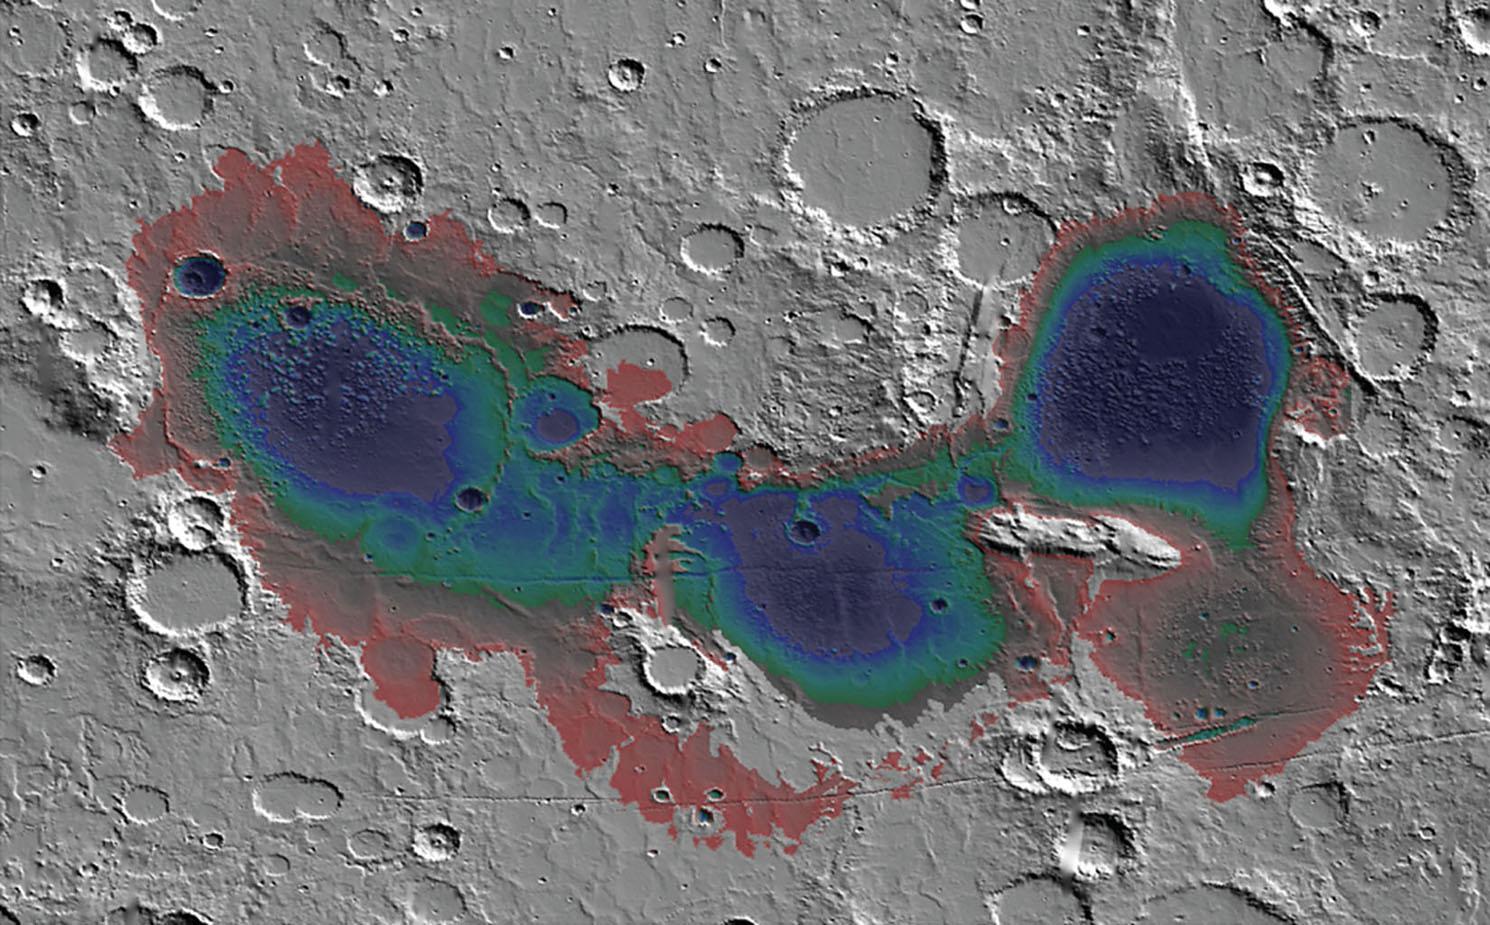 Mars' Eridiana Deposits